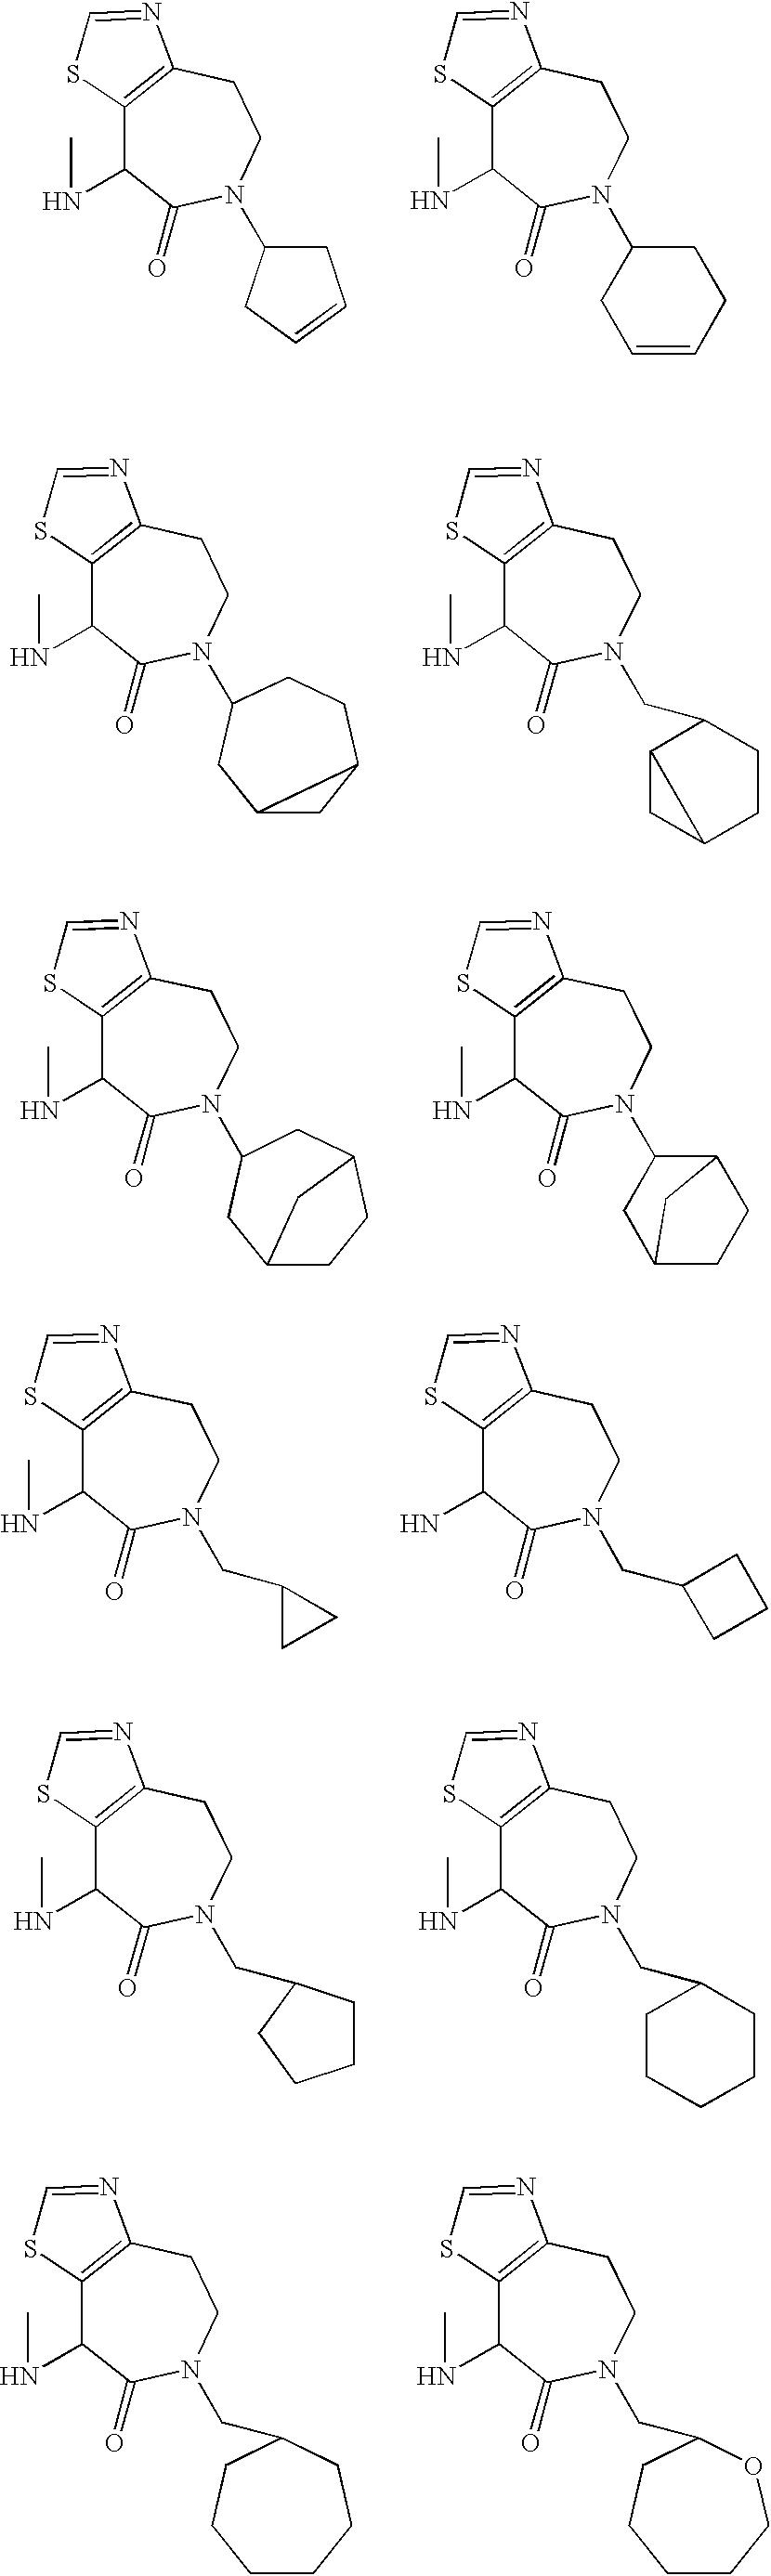 Figure US06509331-20030121-C00065